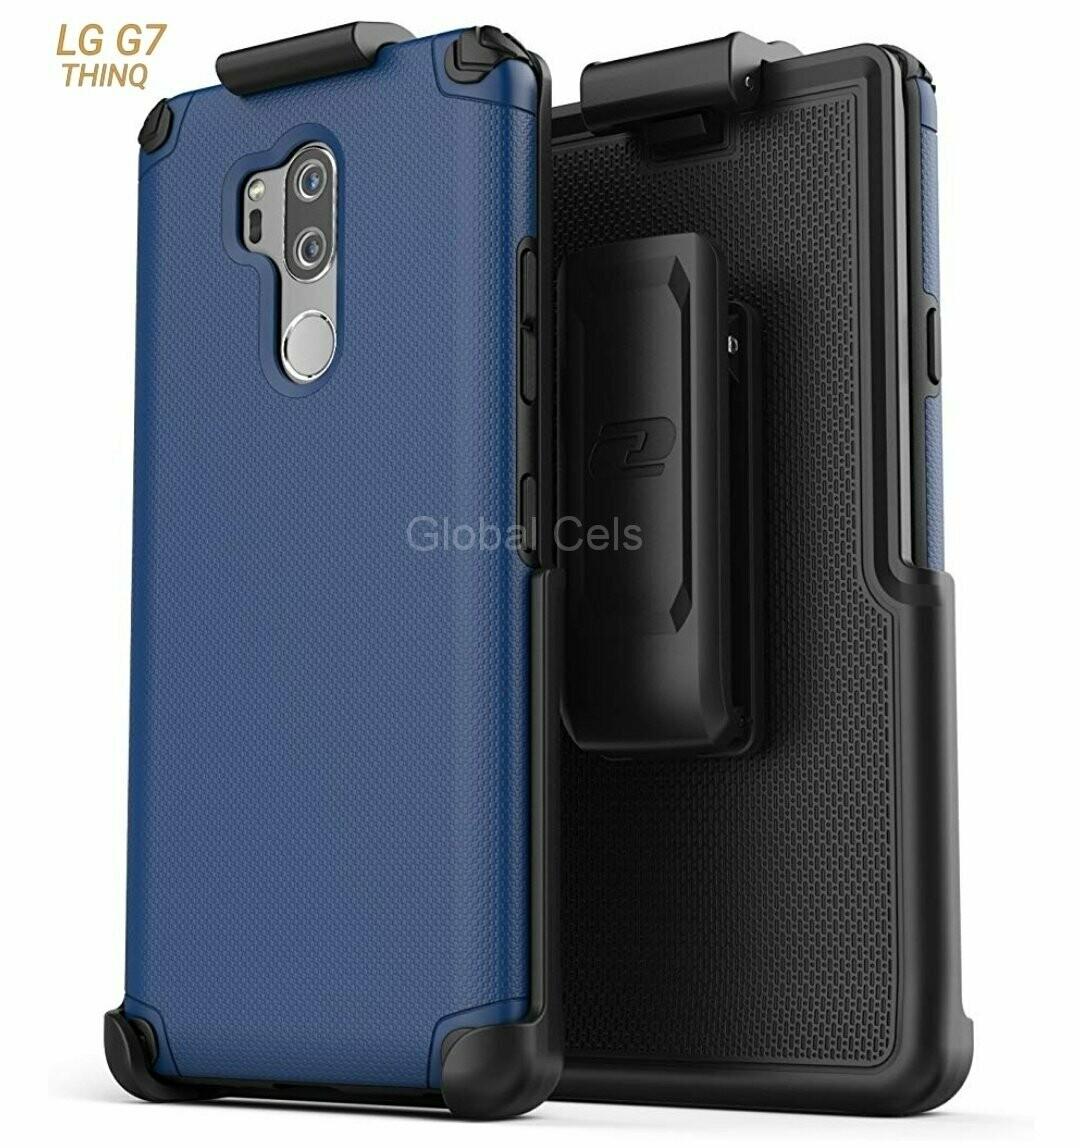 Case LG G7 fino c/ Clip de cinturón funda Encased c/ Tapa Vertical